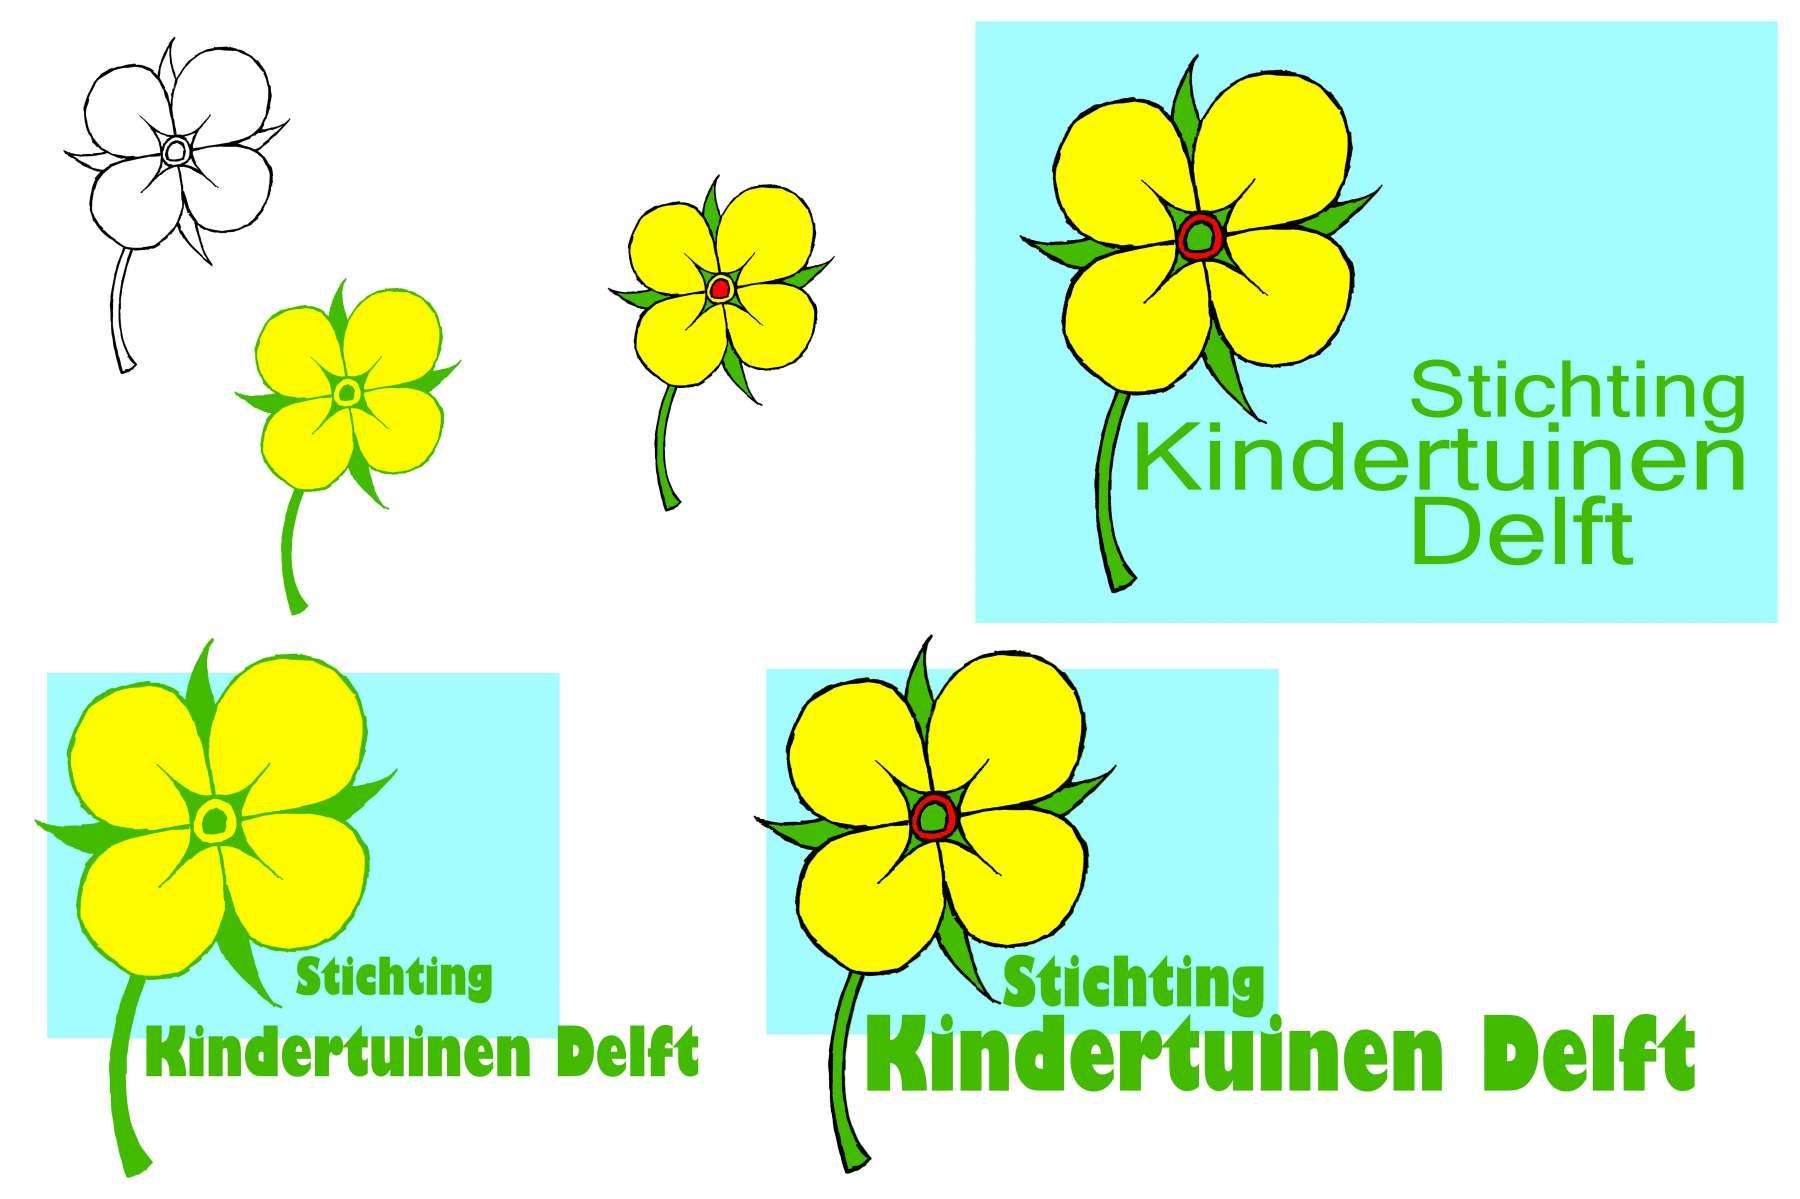 Stichting Kindertuinen Delft - vignet en vlag<br>Vijf kindertuinen op verschillende locaties hebben ieder hun eigen bloem als kenmerk. De bloem in het logo moest een combinatie van deze bloemen zijn.